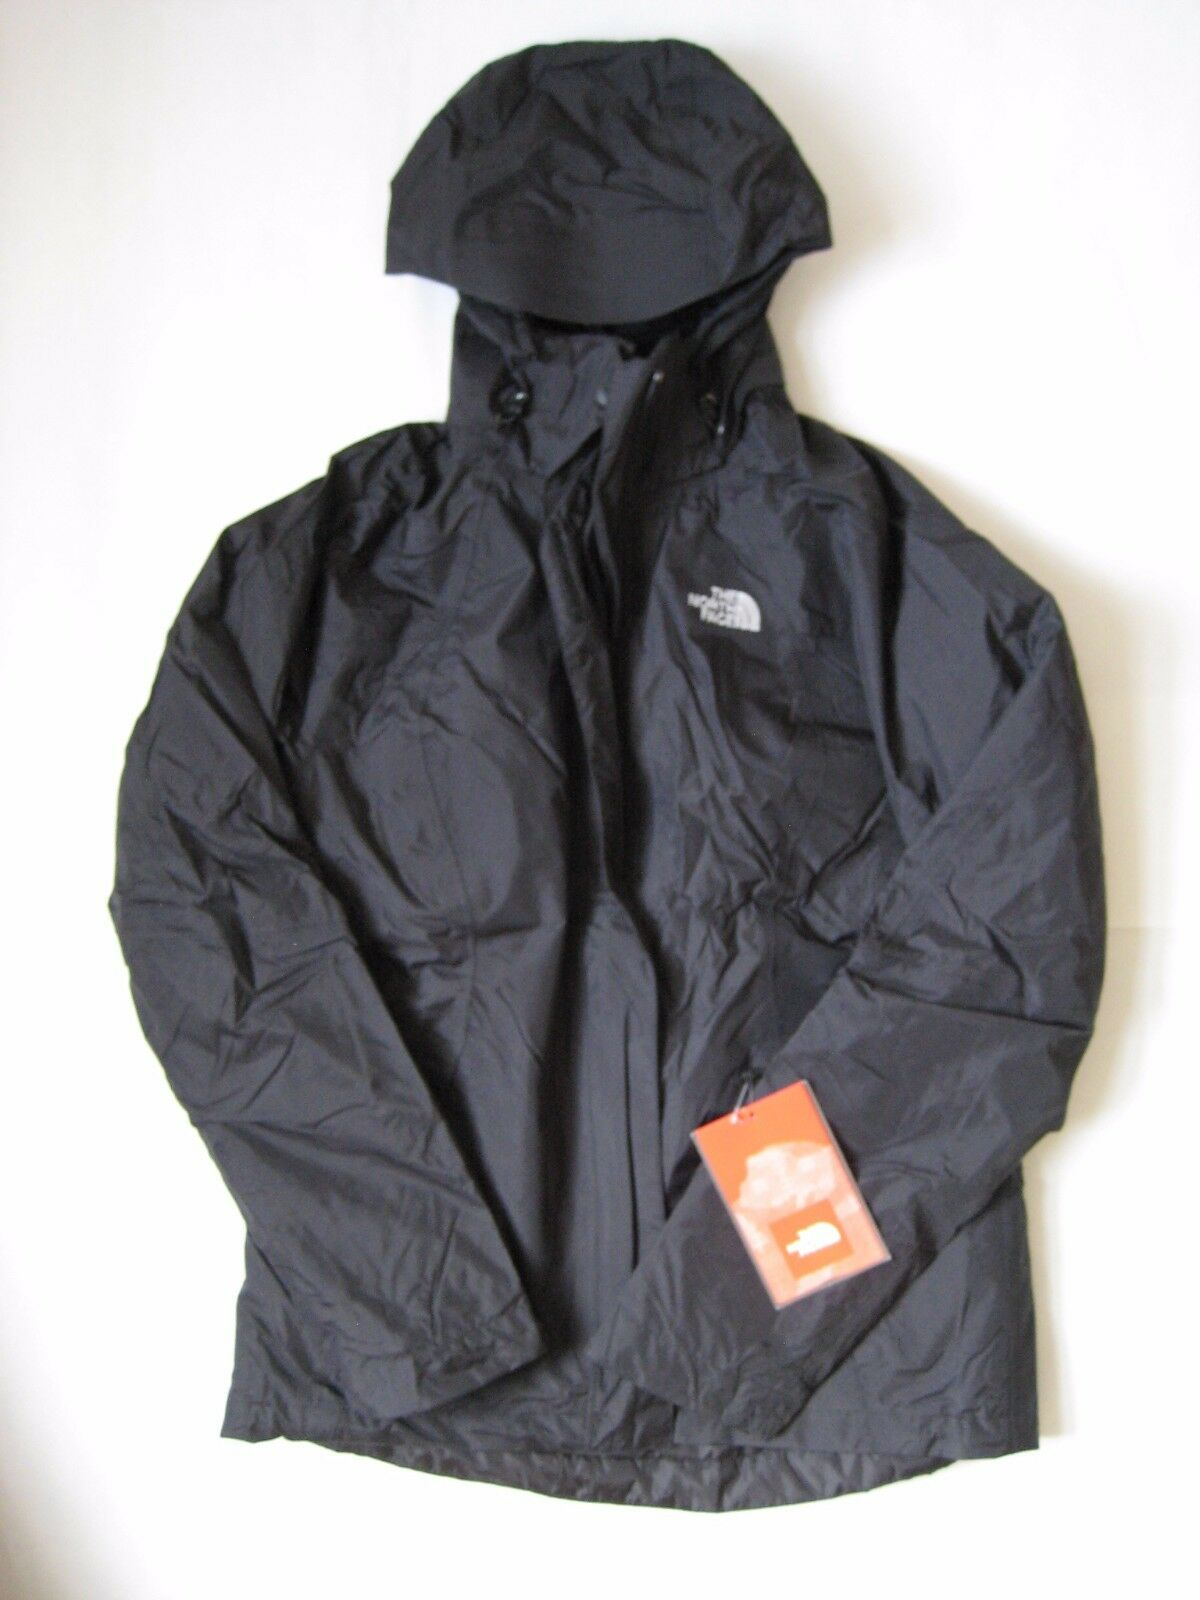 Parka veste noire Jaimie Triclimate hiver TNO North Face noir 229 $